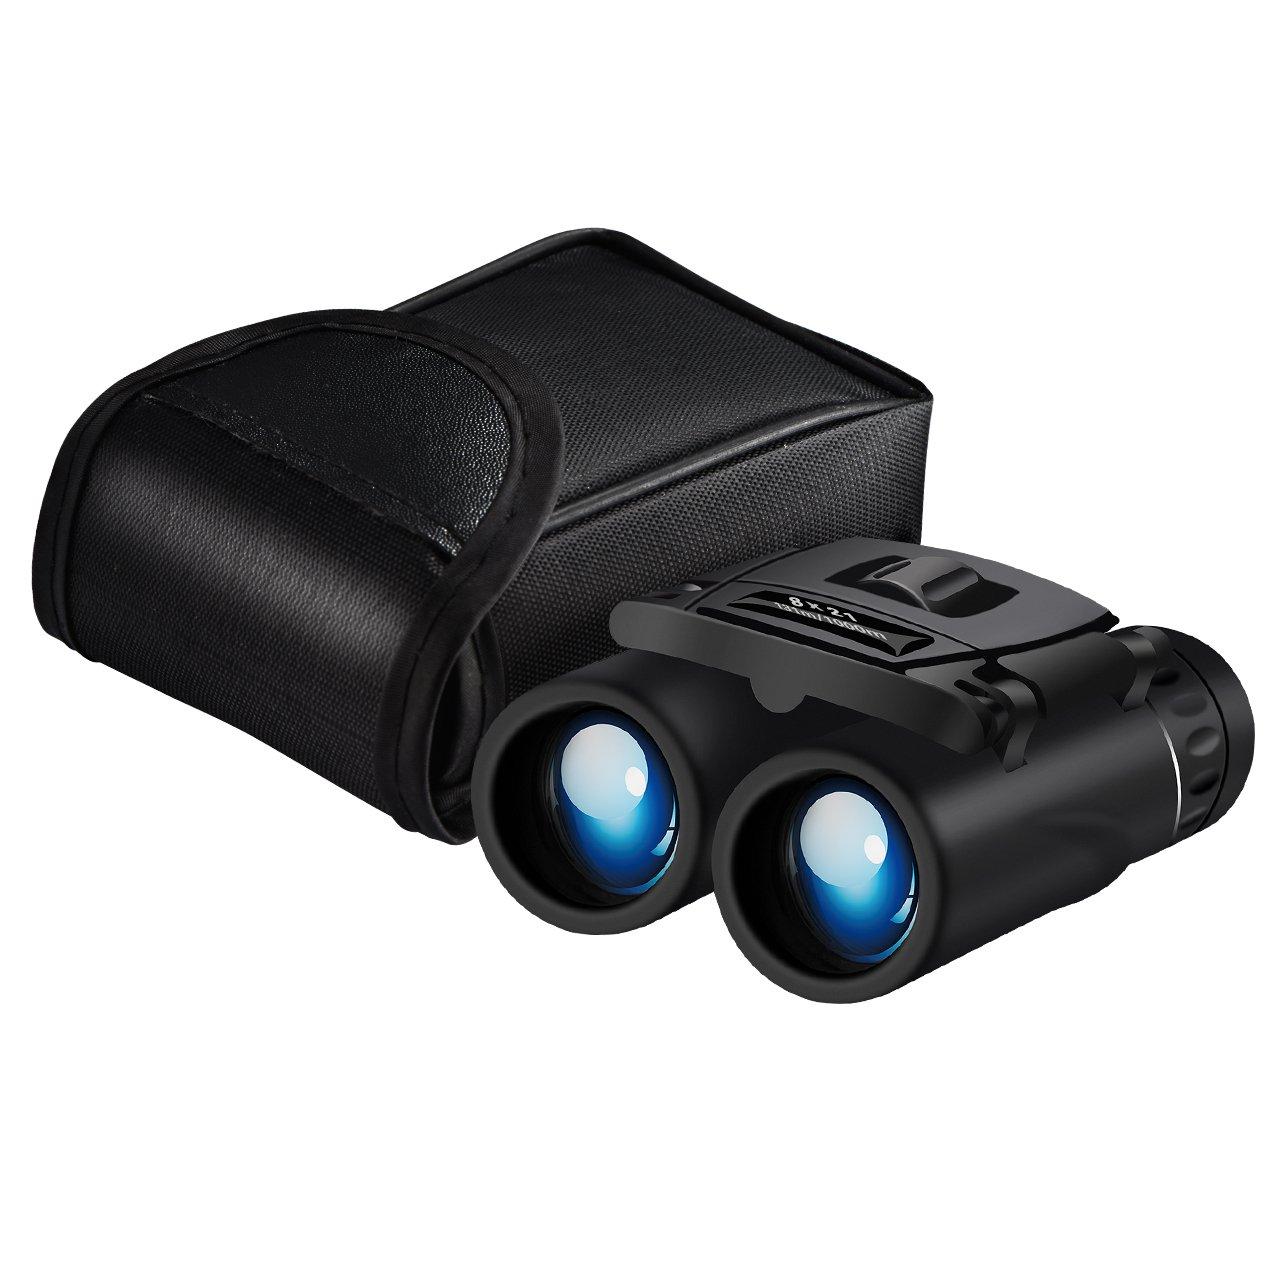 Atmoko双眼鏡 B07F9XFKCB  A-Pure Black